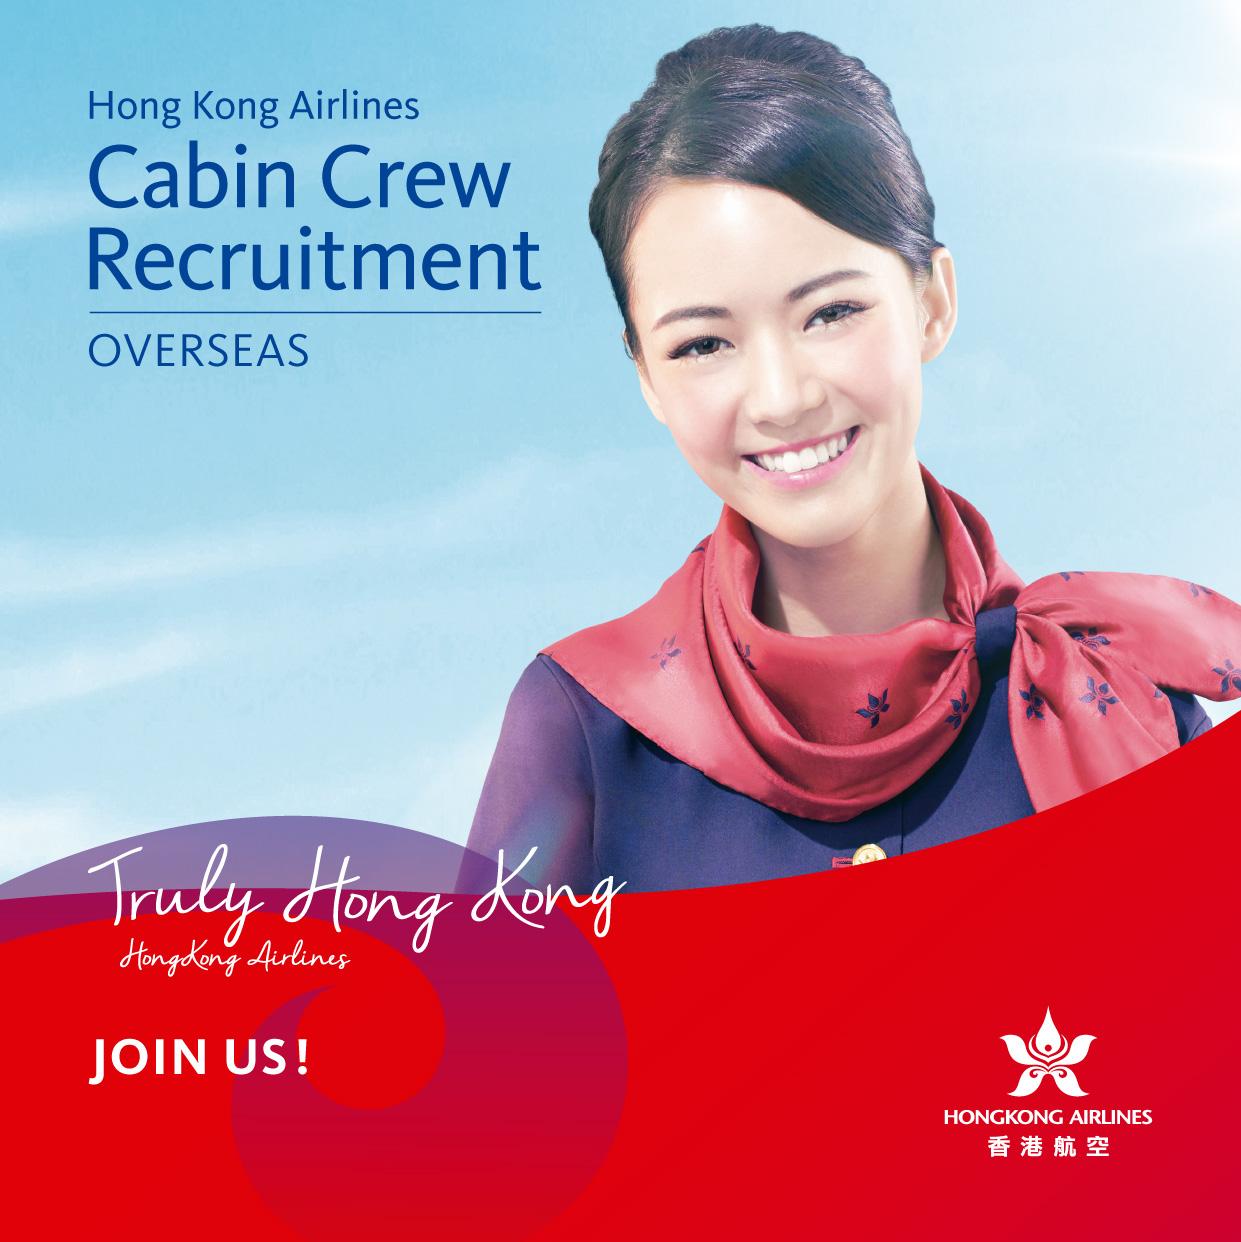 香港航空客室乗務員募集イメージ